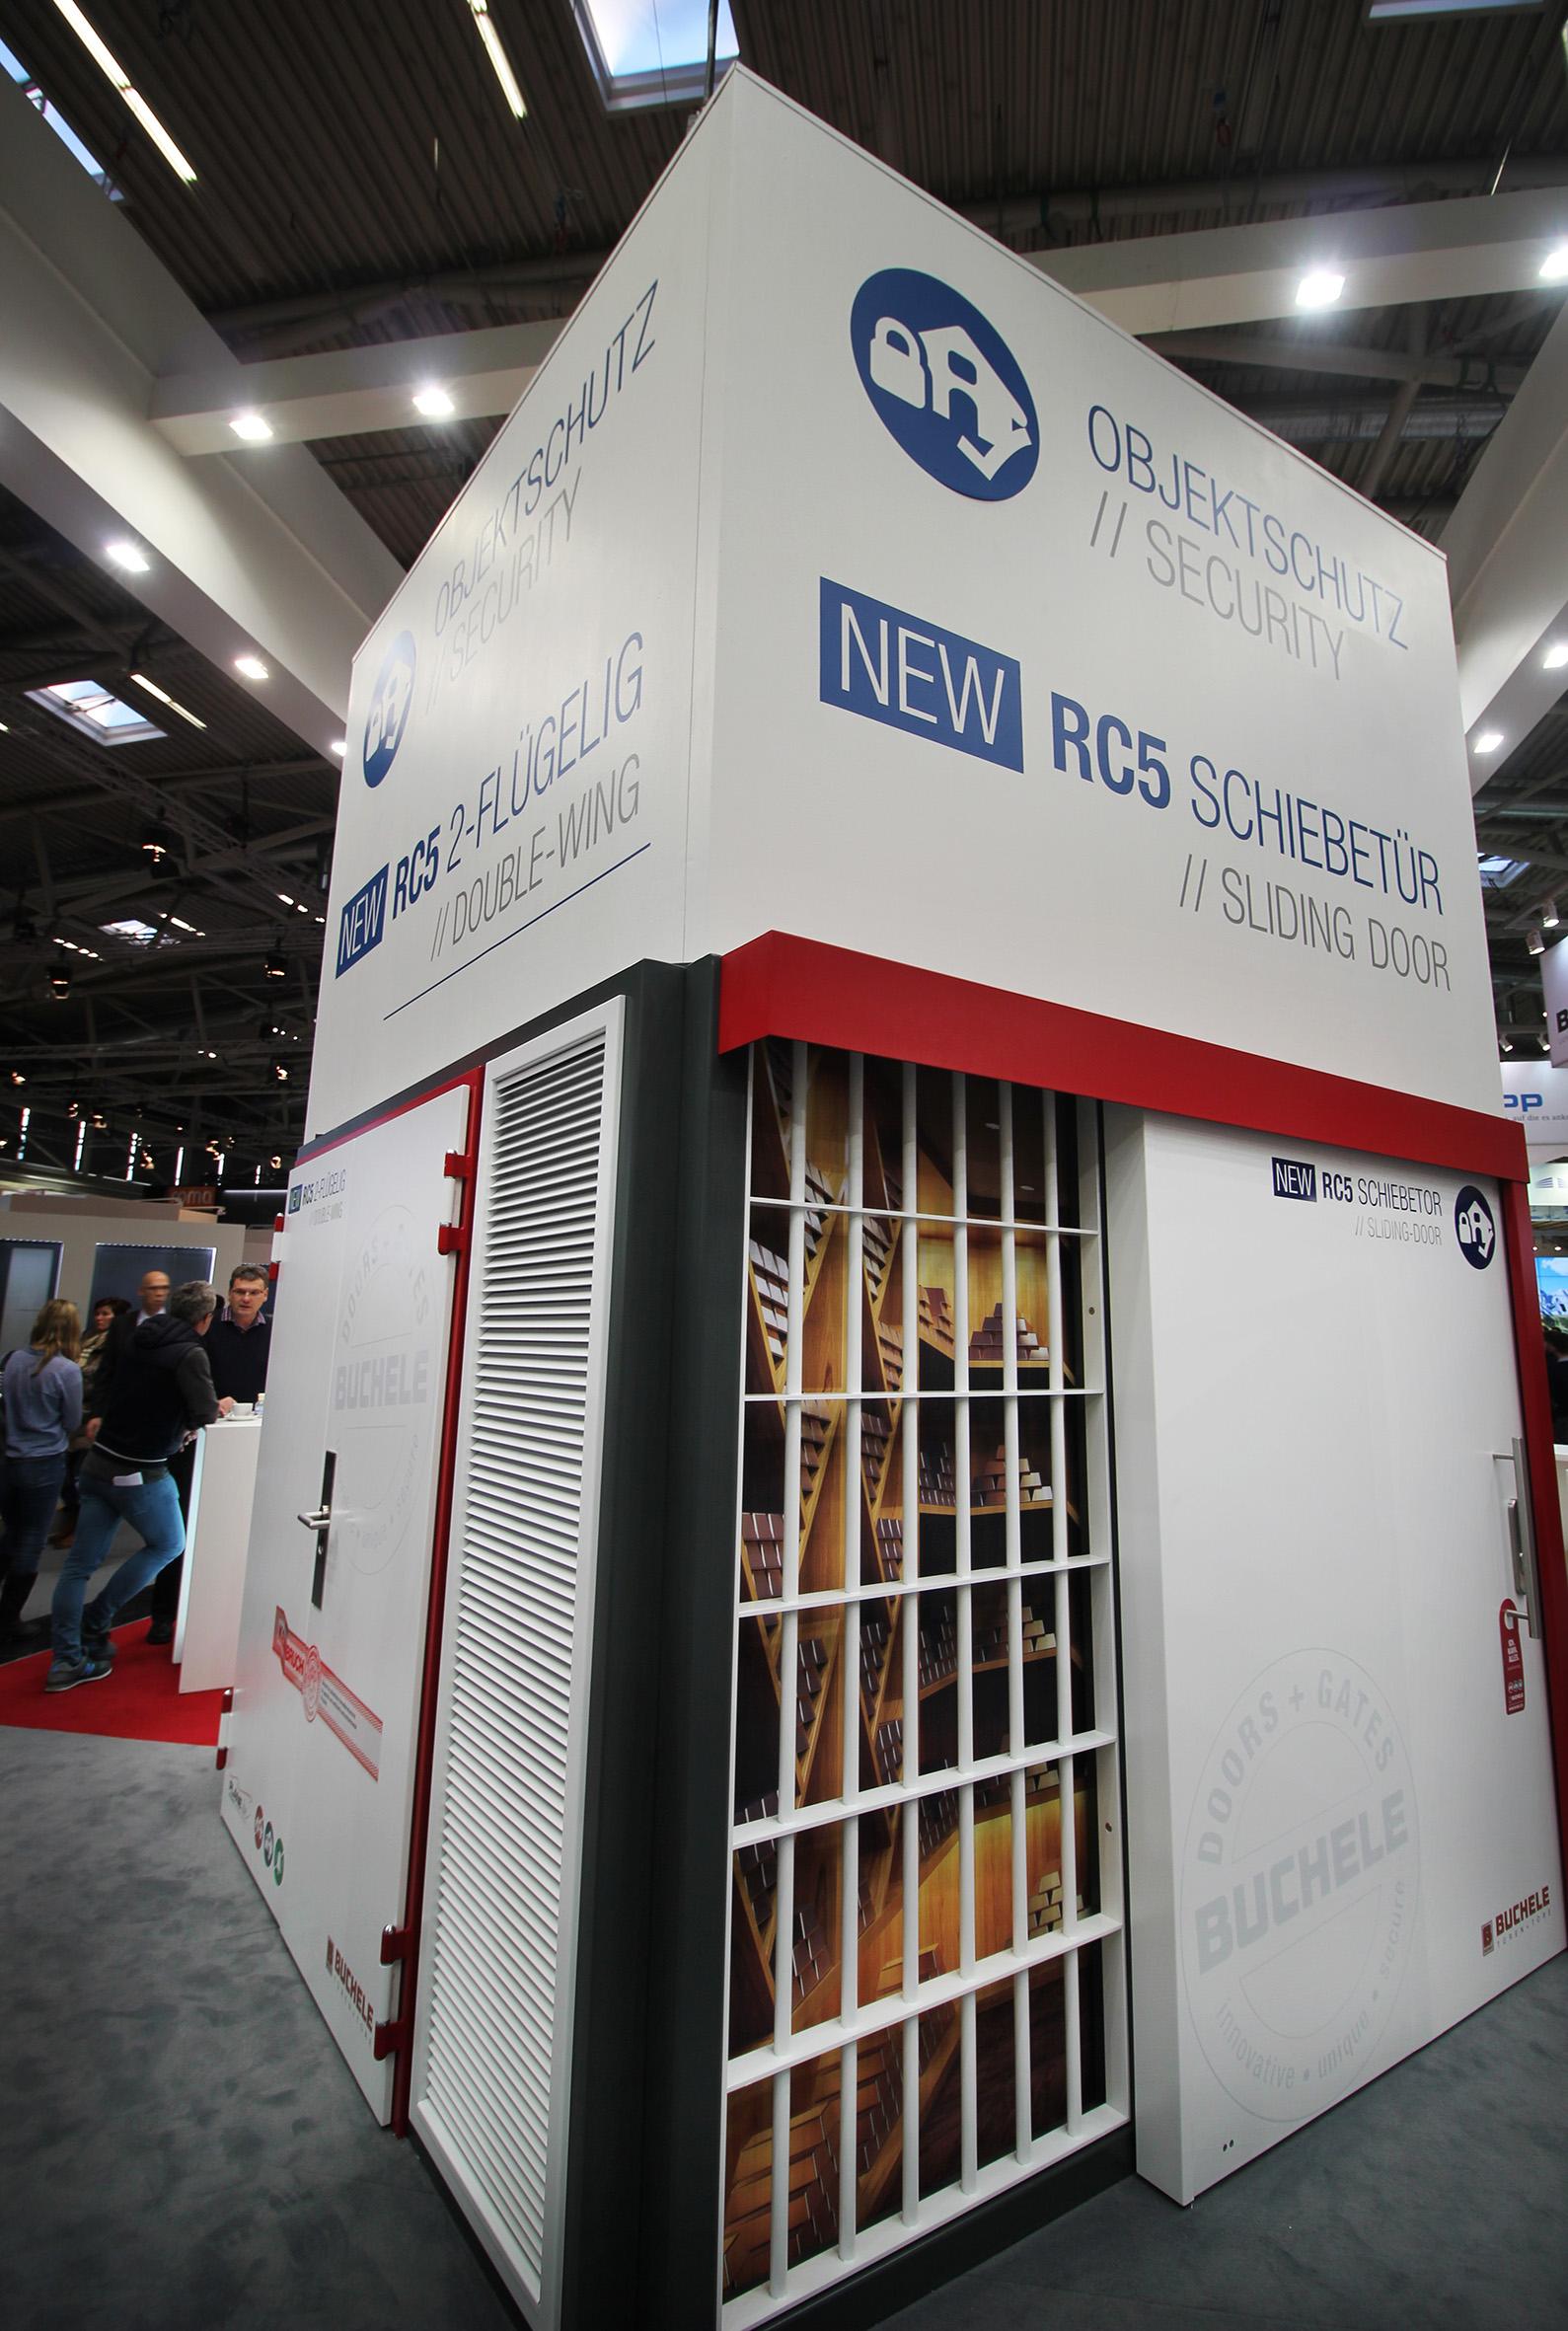 pressemitteilung noch mehr sicherheit durch neue zertifizierte rc5 schiebet ren rc5. Black Bedroom Furniture Sets. Home Design Ideas